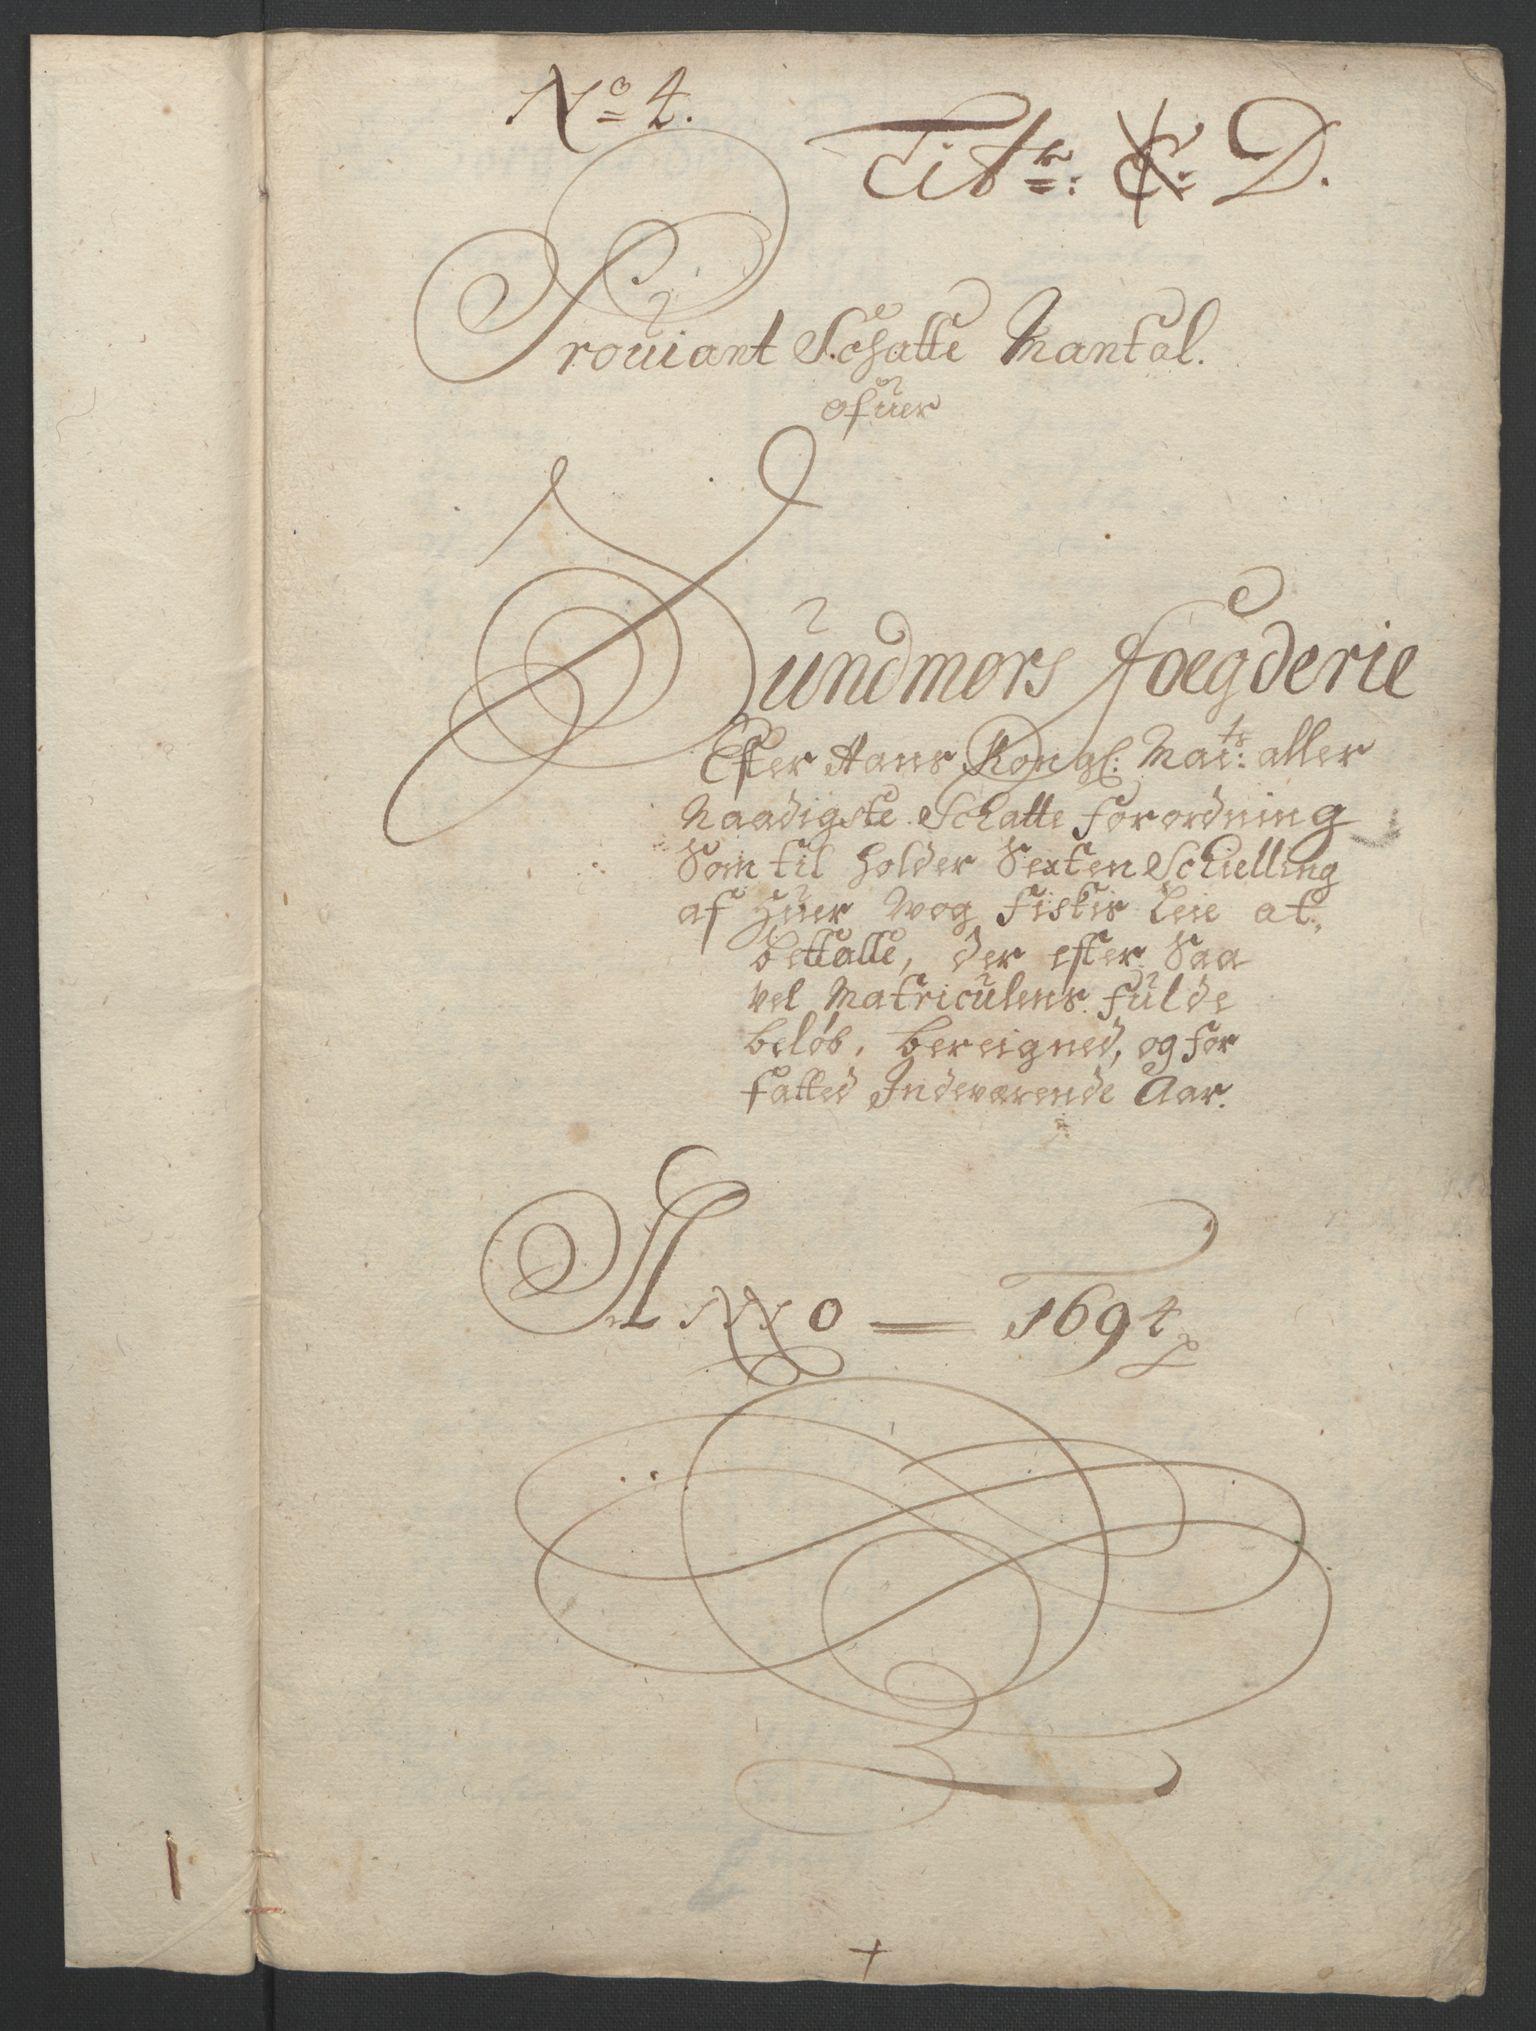 RA, Rentekammeret inntil 1814, Reviderte regnskaper, Fogderegnskap, R54/L3555: Fogderegnskap Sunnmøre, 1694-1695, s. 109